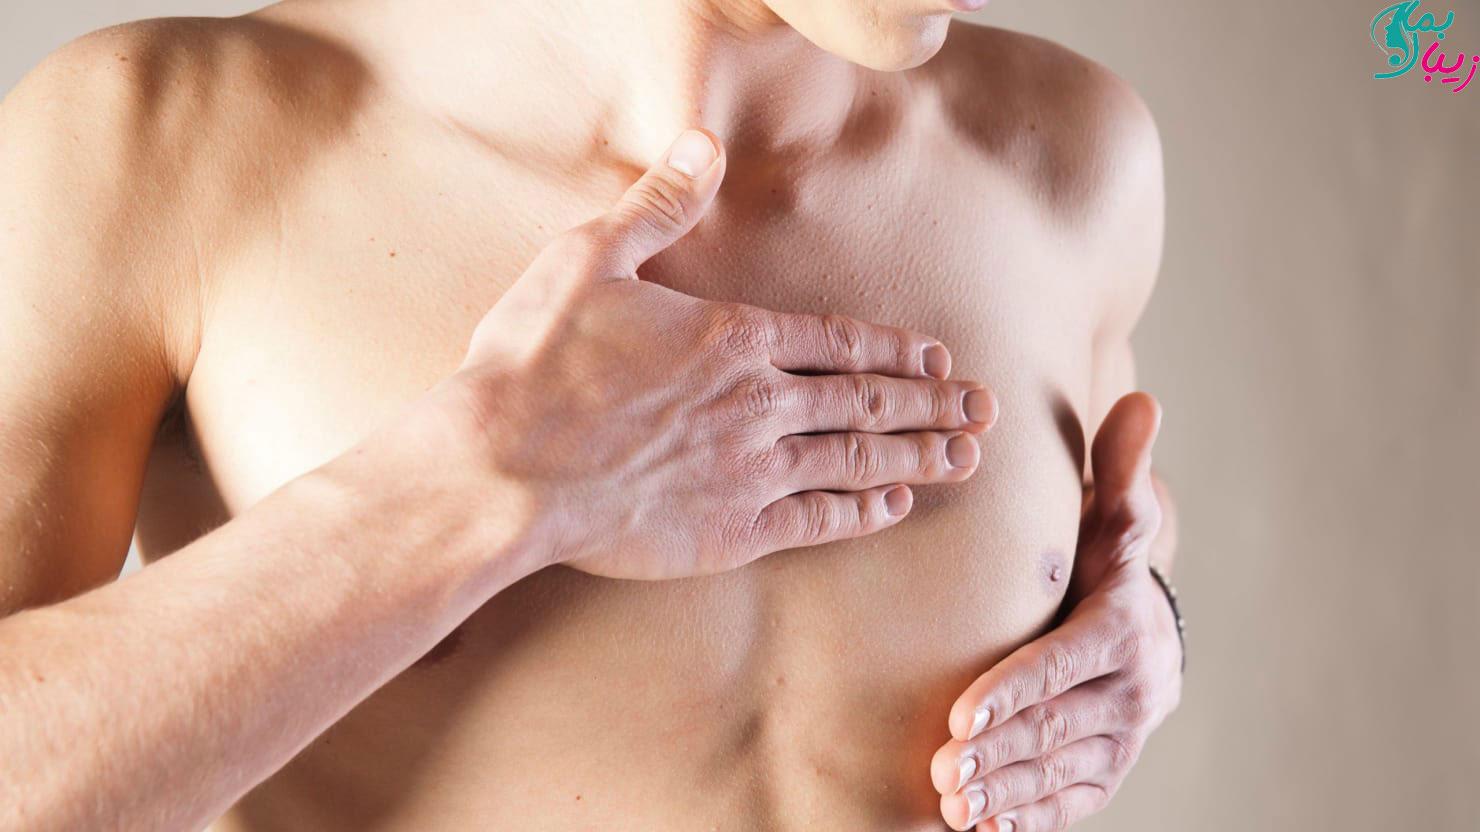 سرطان سینه در مردان پدیده ای نادر ، اما باید جدی گرفته شود!